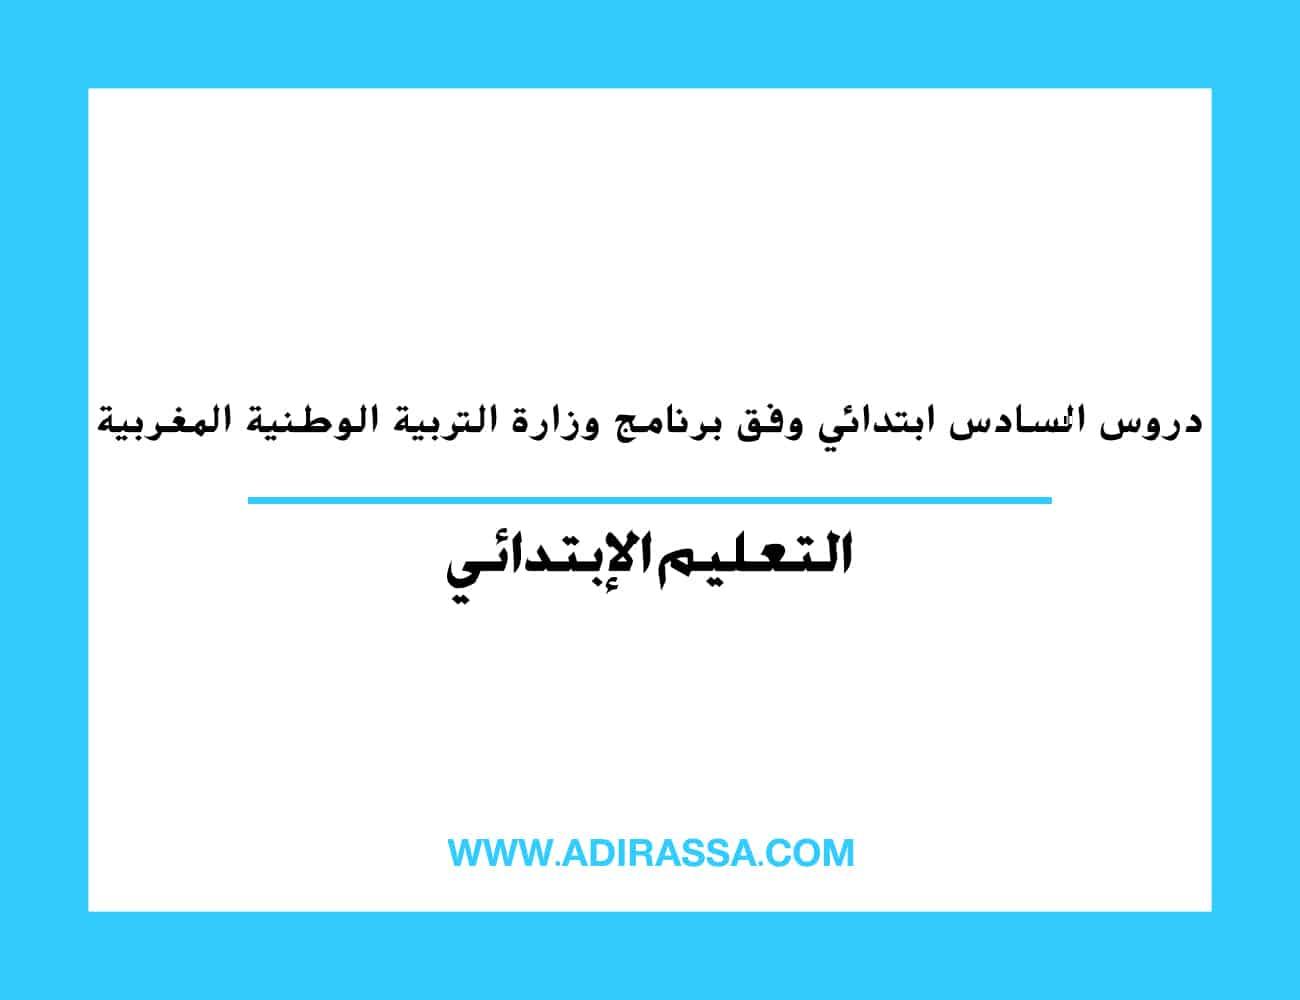 دروس السادس ابتدائي وفق برنامج وزارة التربية الوطنية المغربية